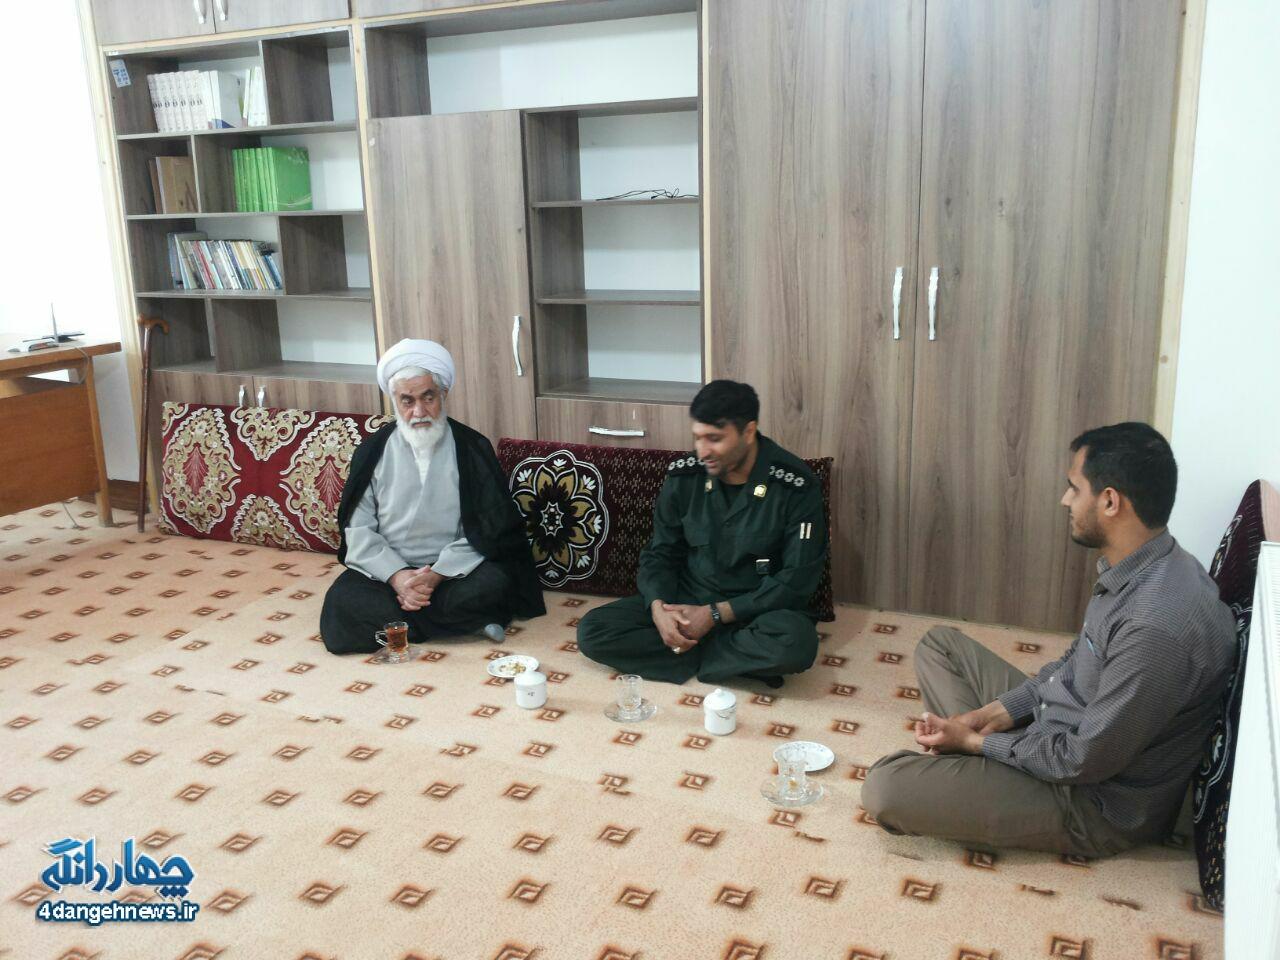 دیدار فرمانده سپاه چهاردانگه با امام جمعه مرکز بخش